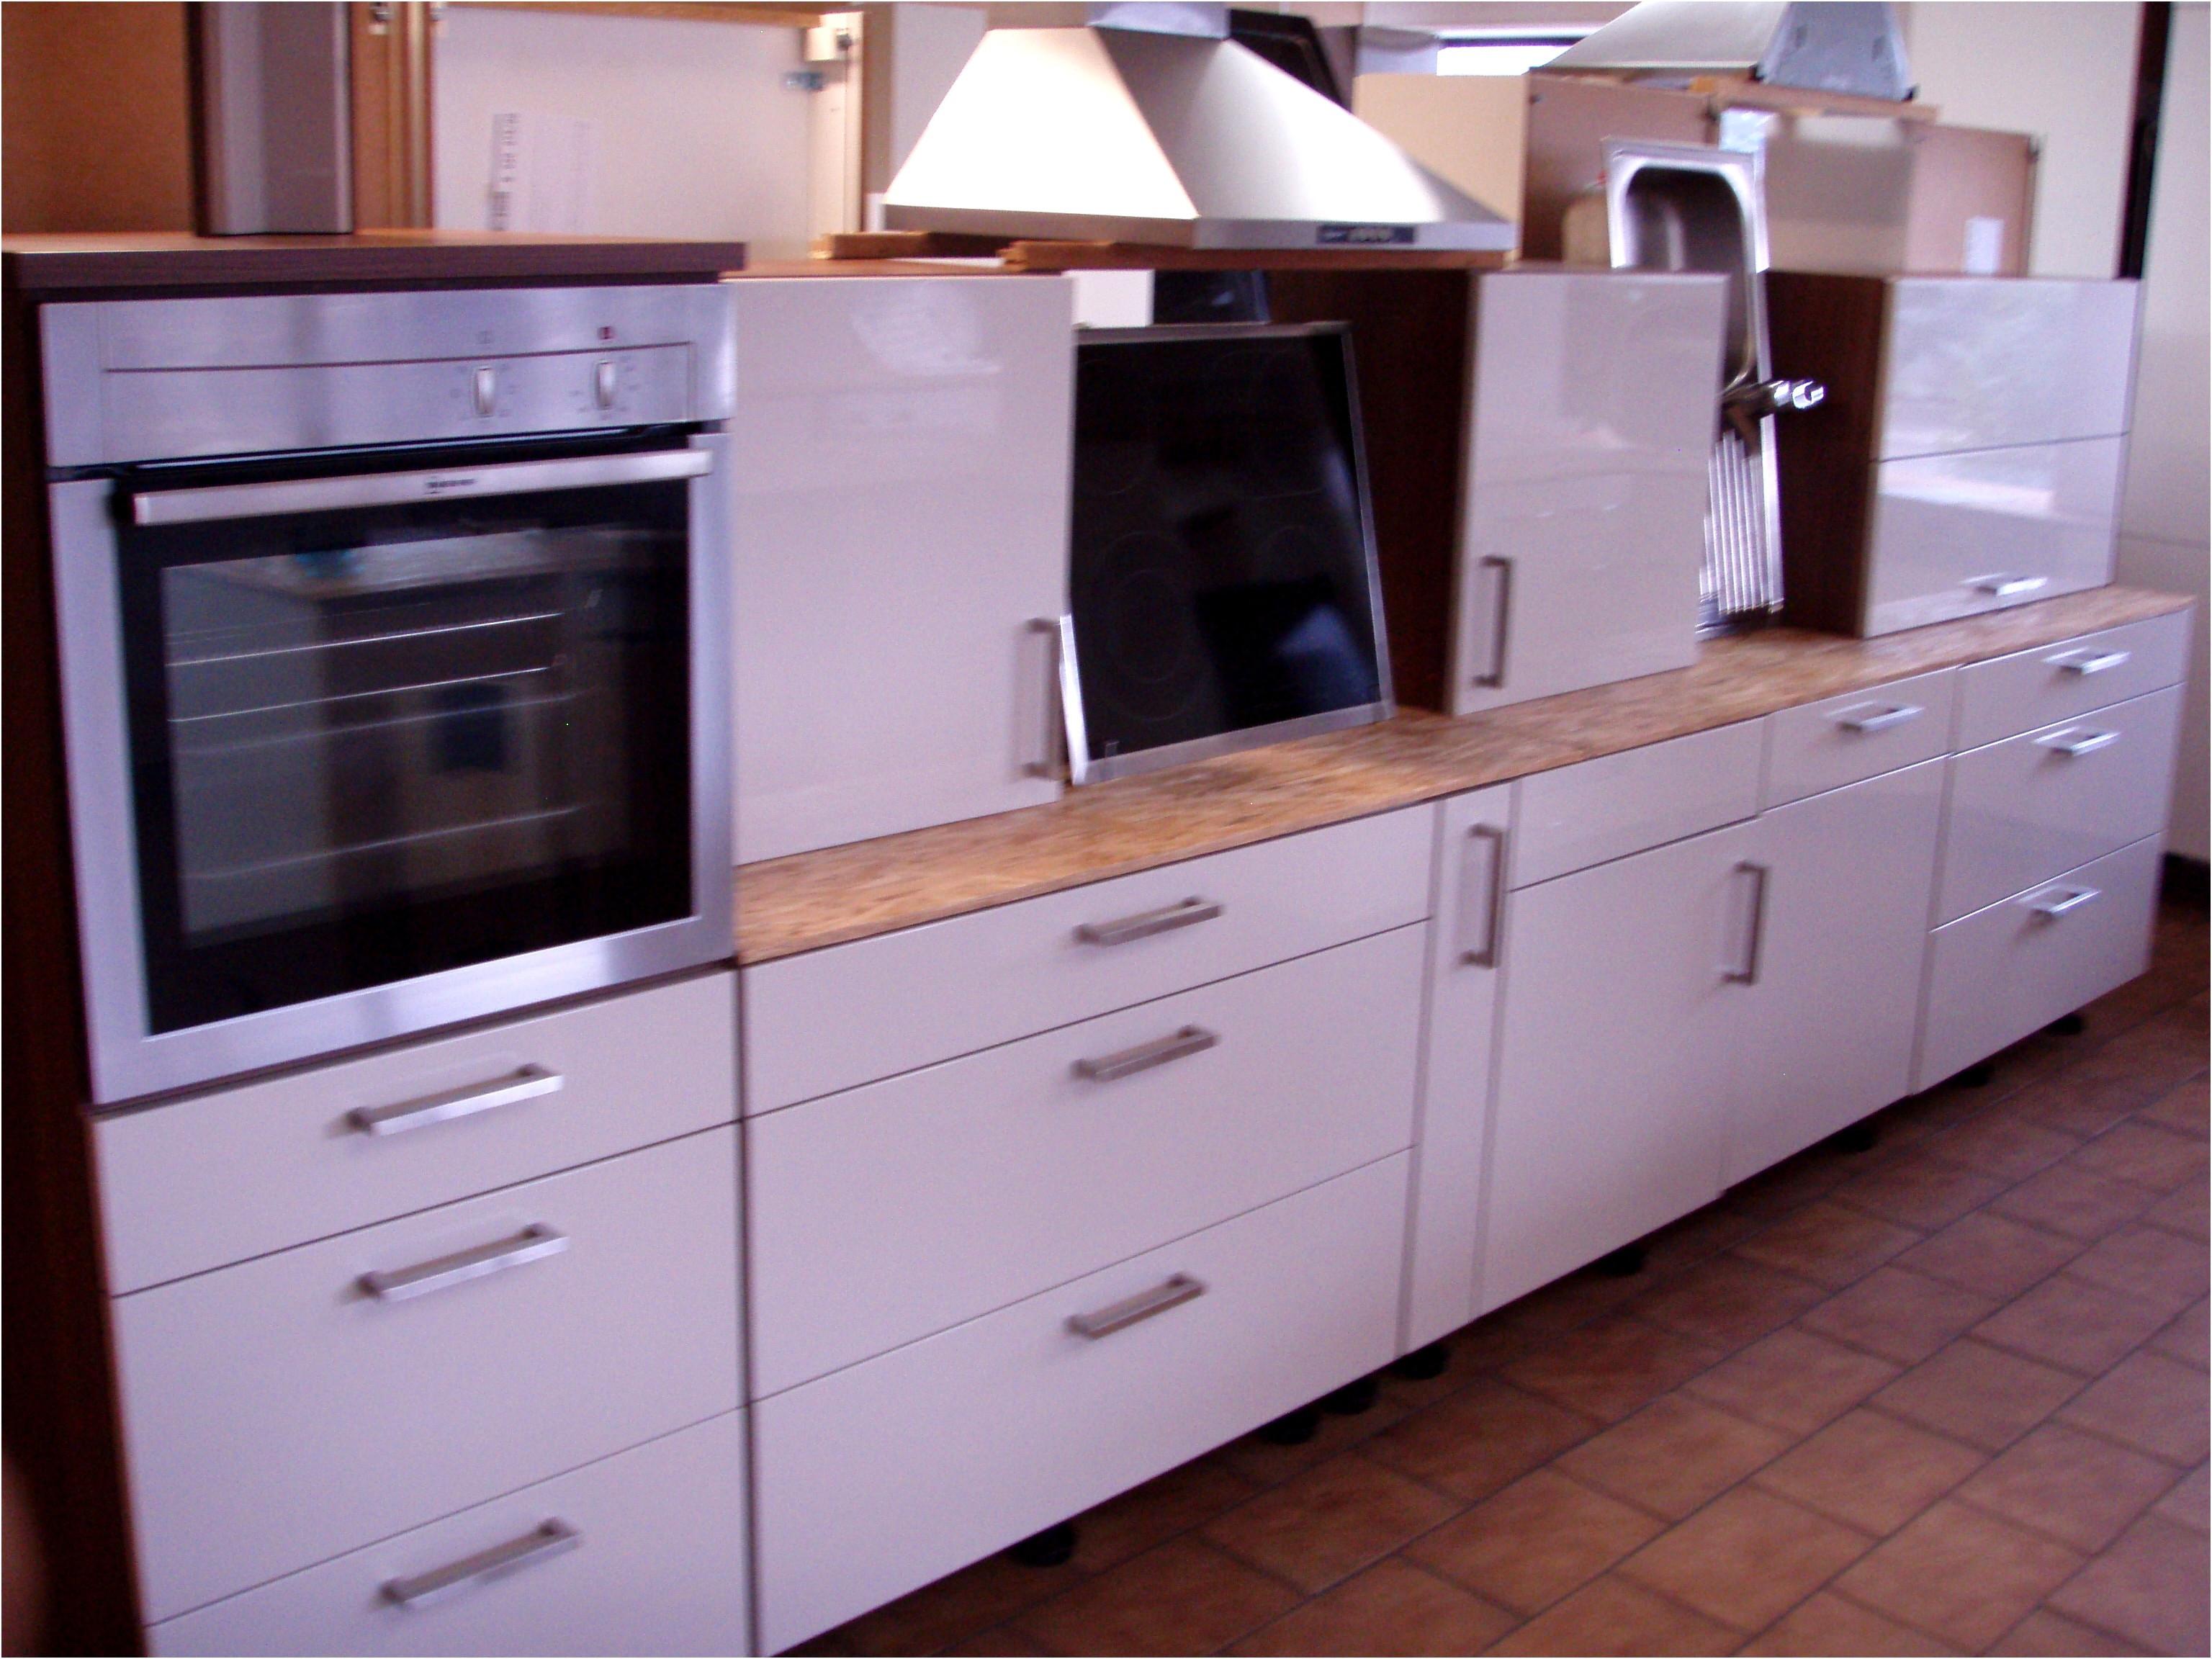 Gebrauchte Küchen  Gebrauchte Küchen Dresden